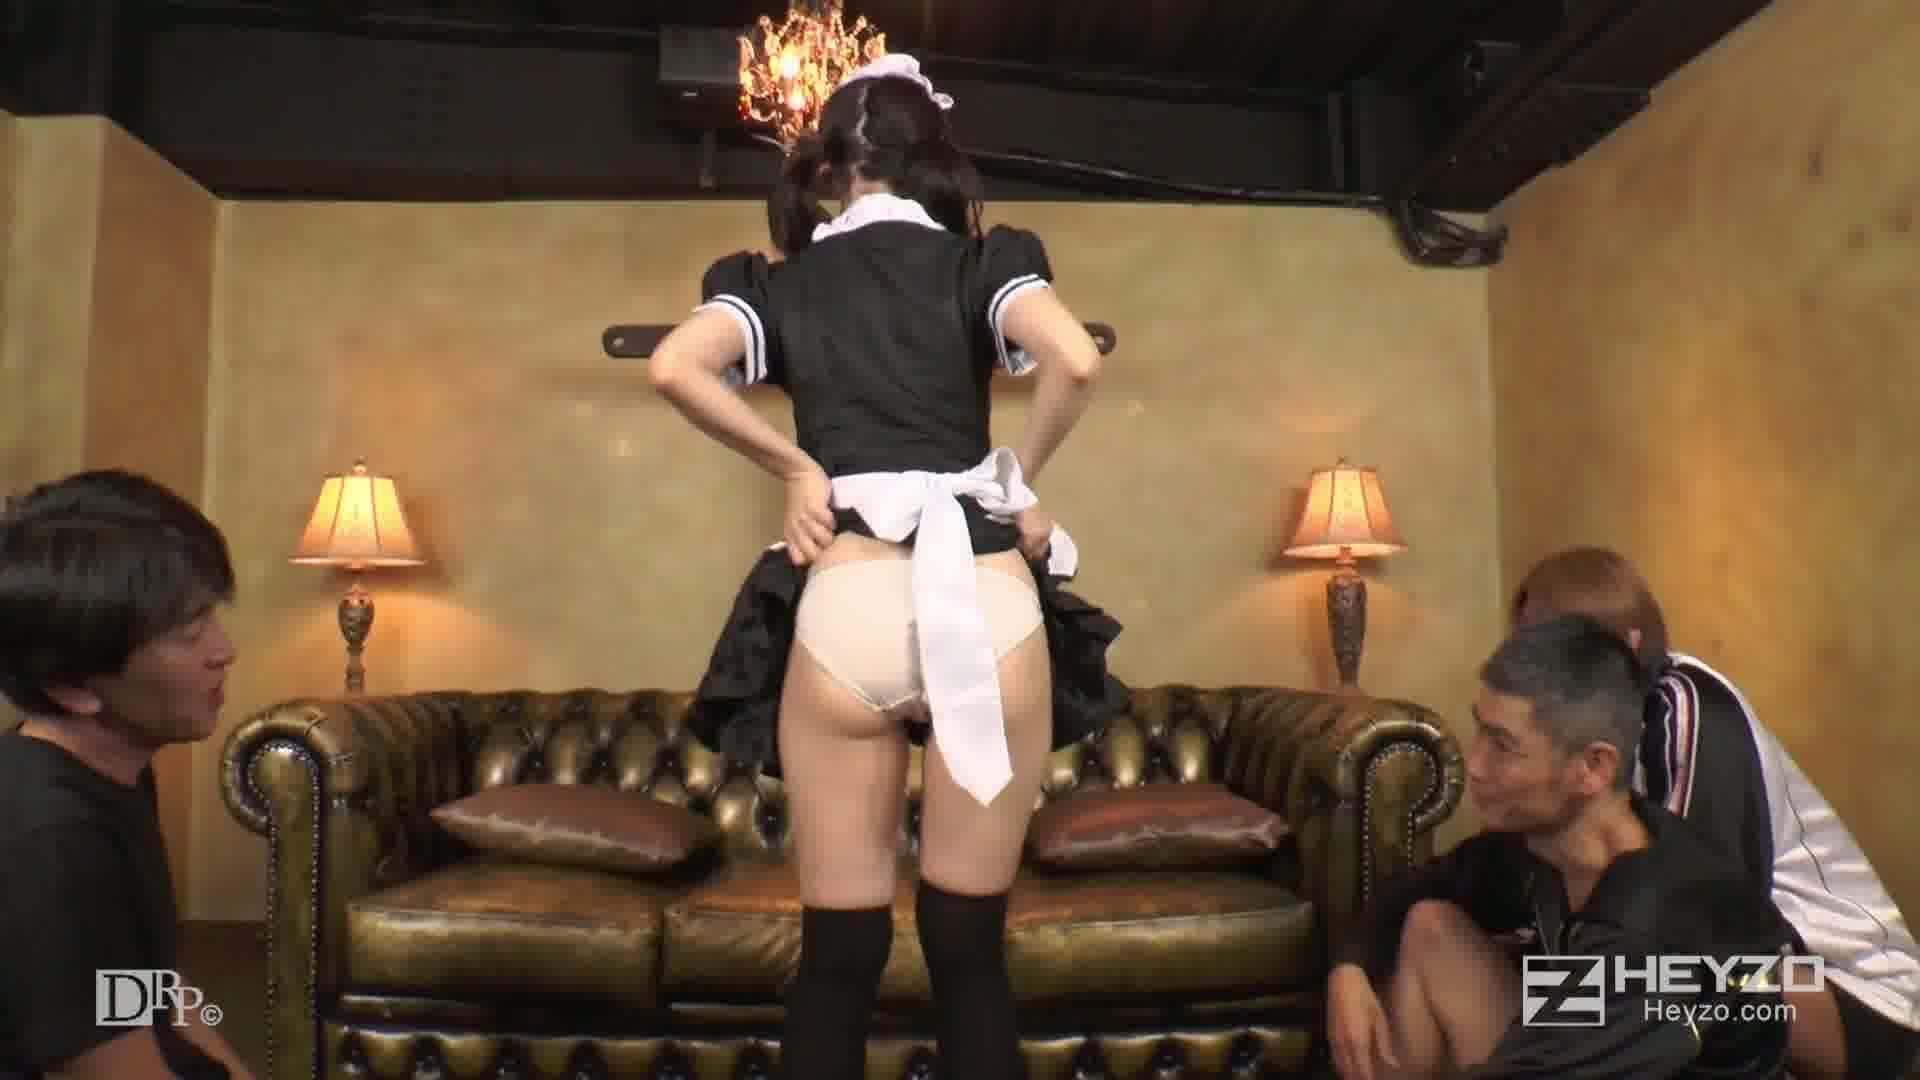 淫乱痴女のセックストレーニング!!~ハードコアコースでへろへろになっちゃった~ - 大高舞【指マン フェラ バイブ 電マ 潮吹き】